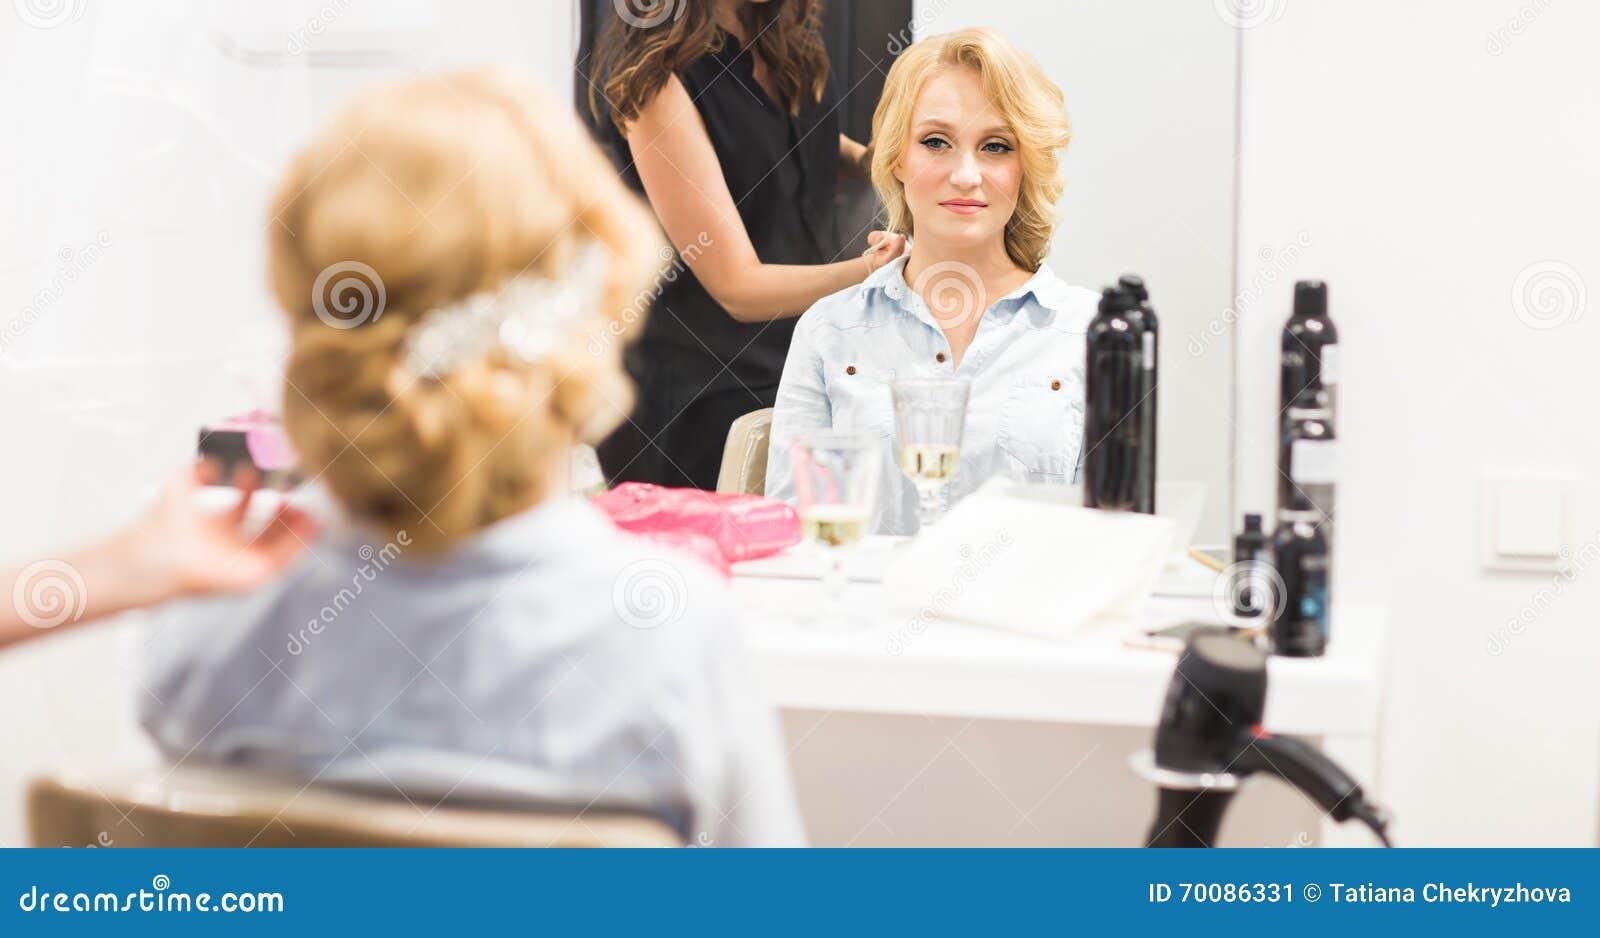 El estilista hace a la novia antes de una boda